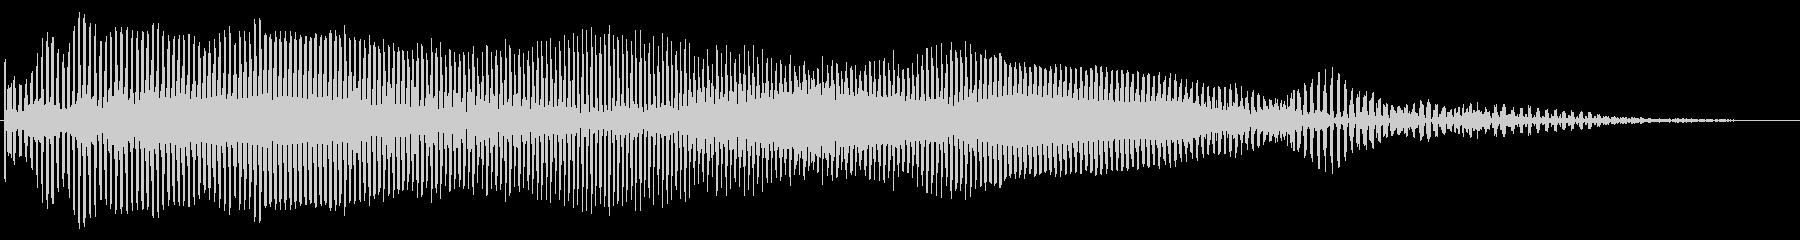 ファーオ スライドトランペット音程上下の未再生の波形